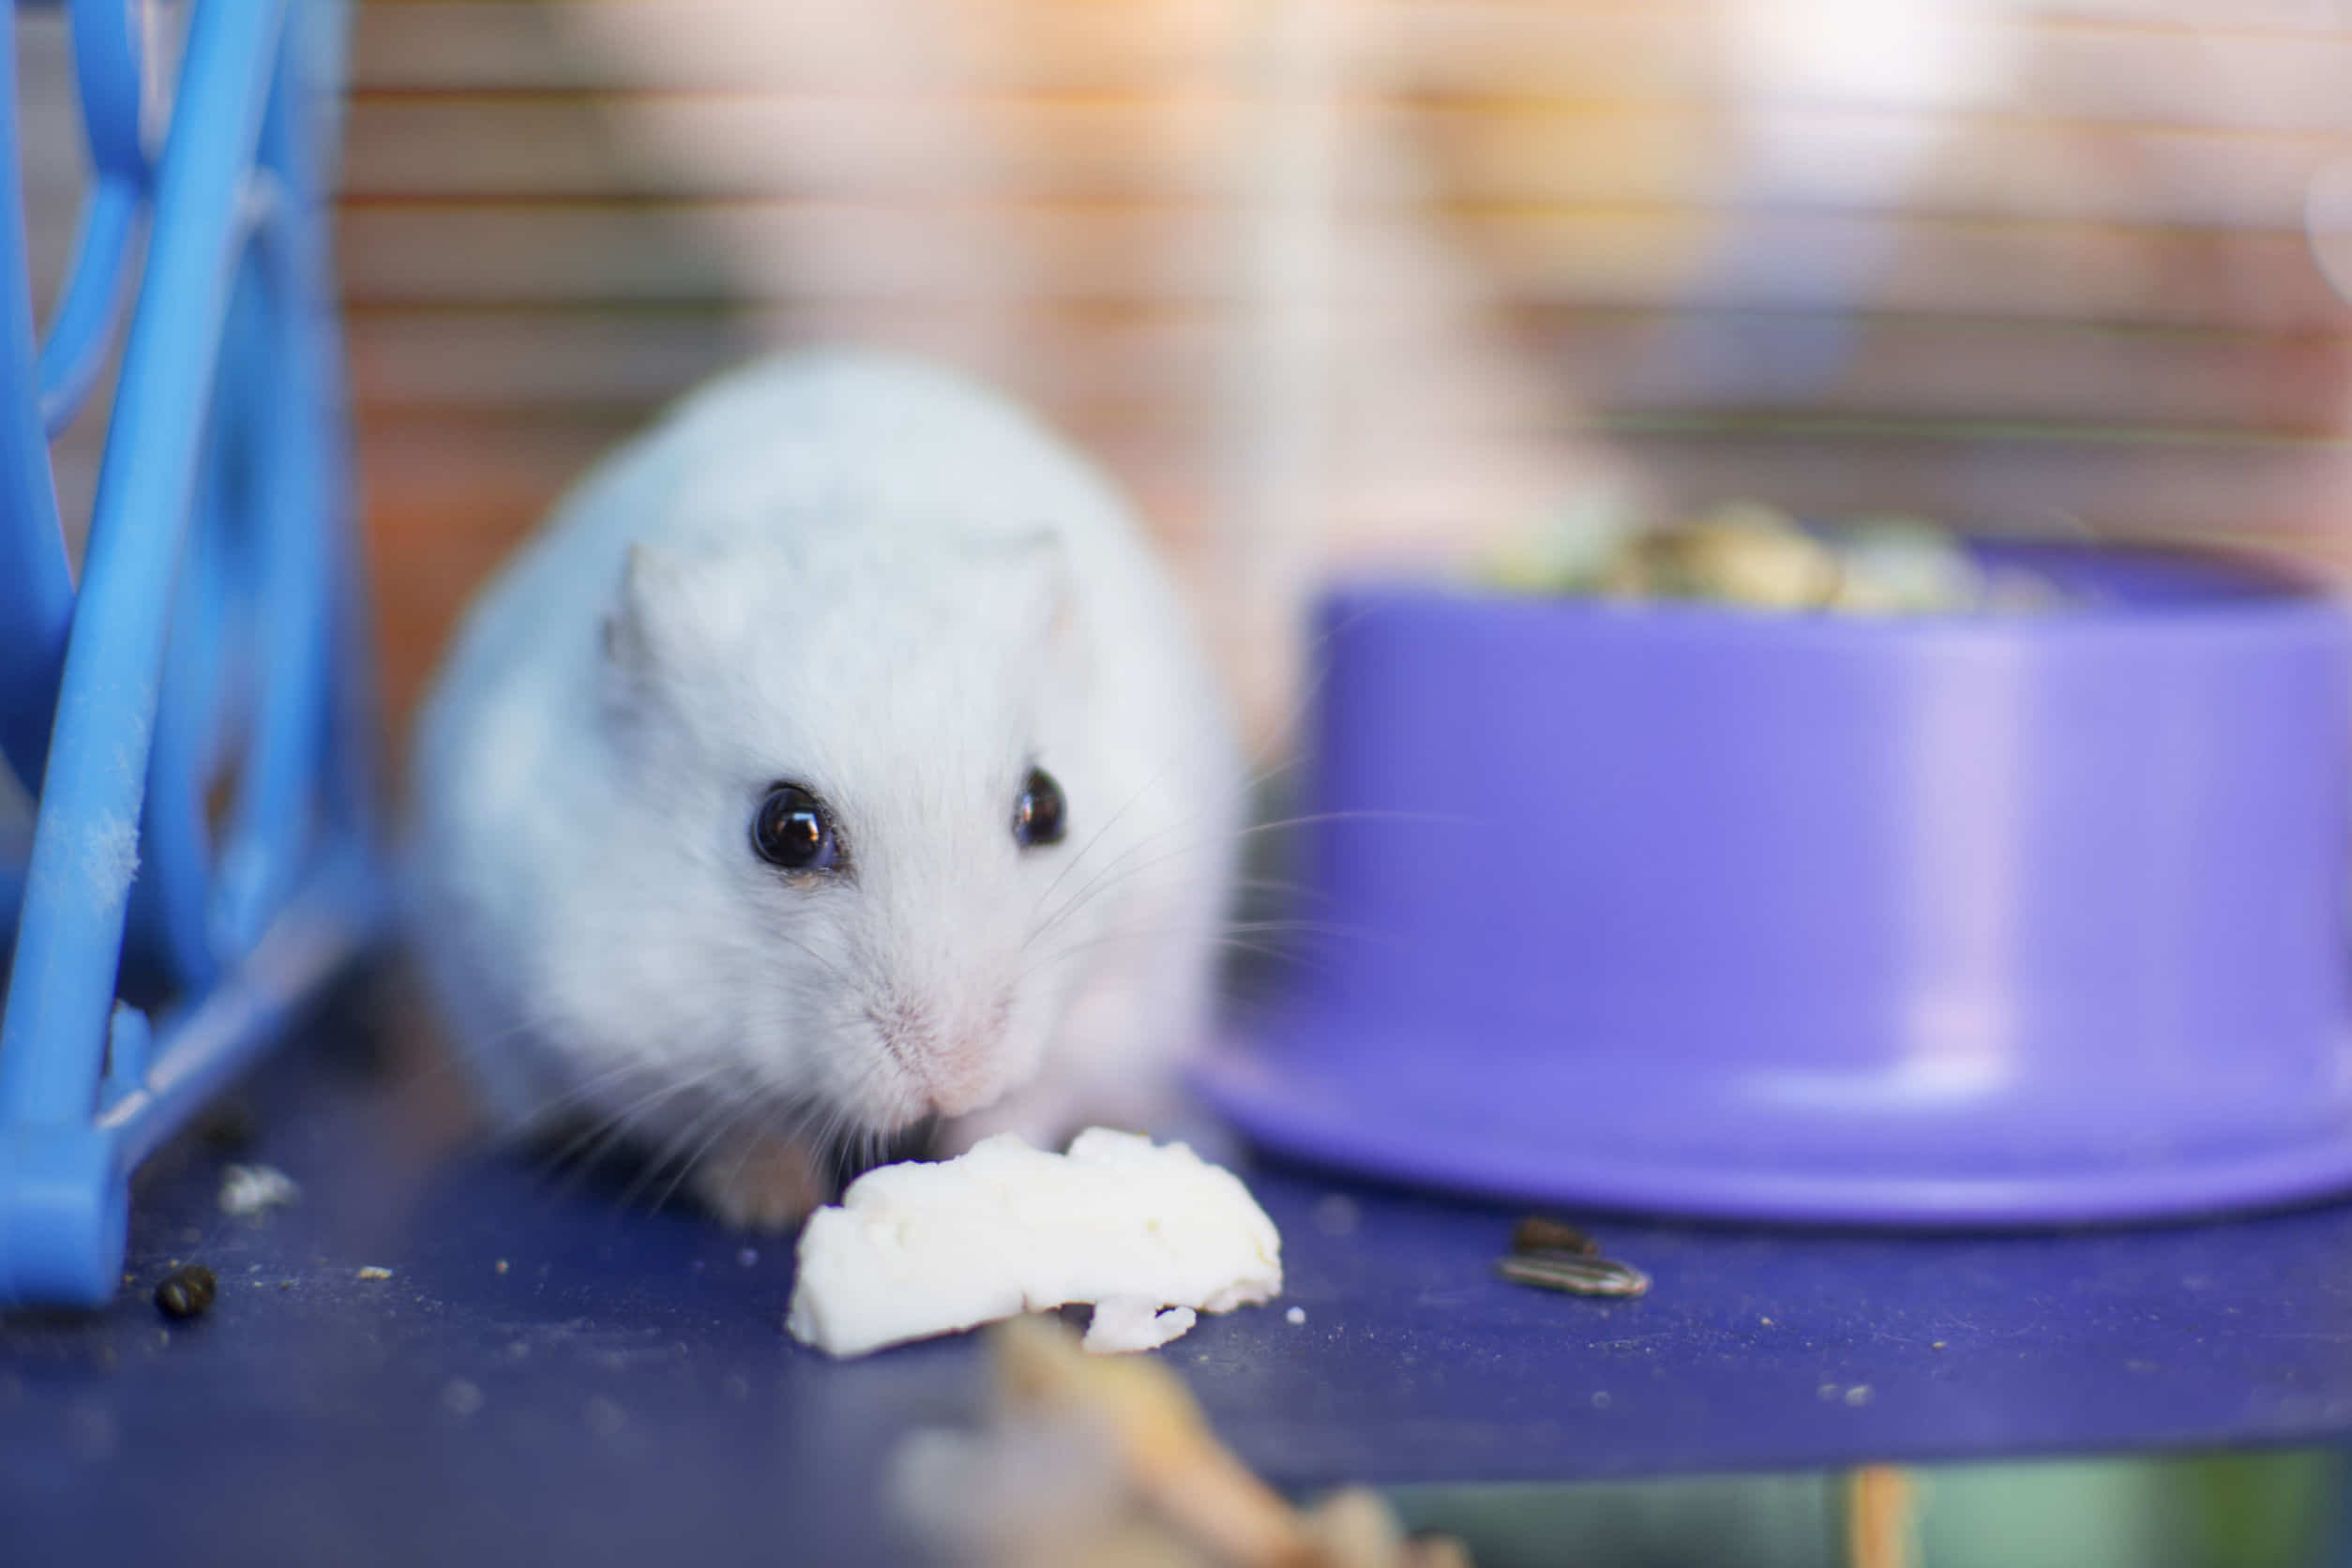 ハムスターは人間用のチーズを食べれるの?おすすめチーズも紹介!